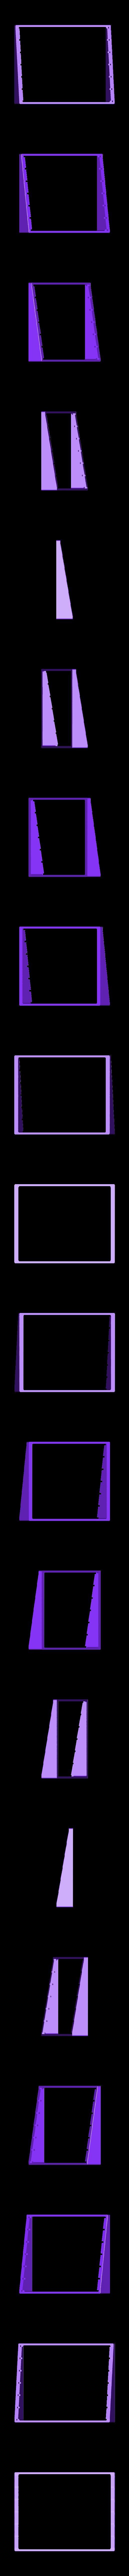 Large_stand.stl Télécharger fichier STL gratuit Porte-fil pour la couture ou la reliure à la mouche • Design imprimable en 3D, Jakwit